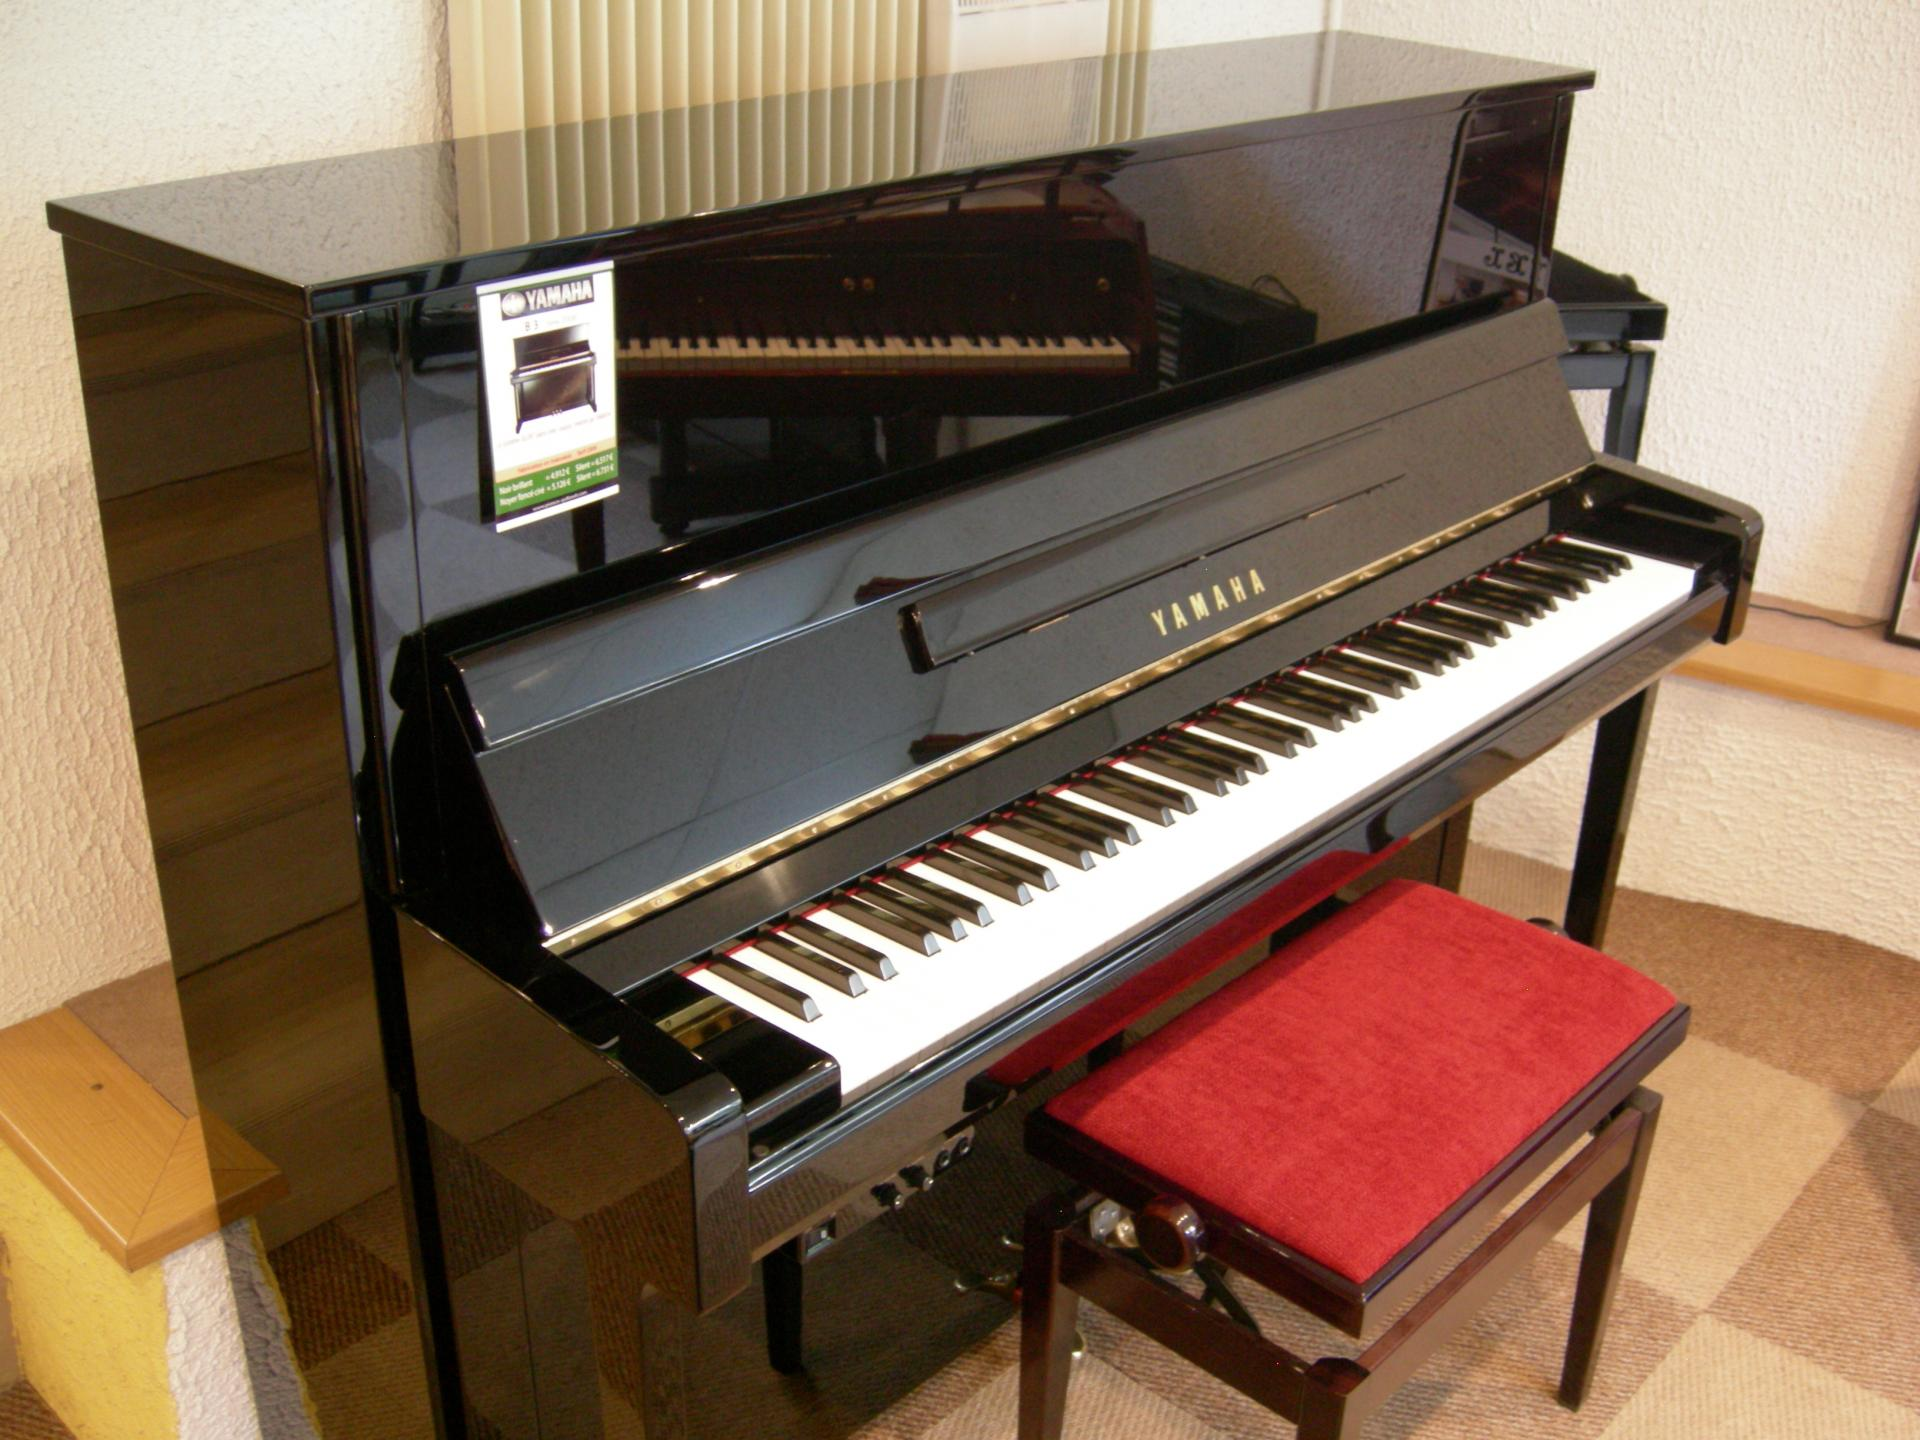 piano droit yamaha mod le b3epe noir brillant 121 cm. Black Bedroom Furniture Sets. Home Design Ideas